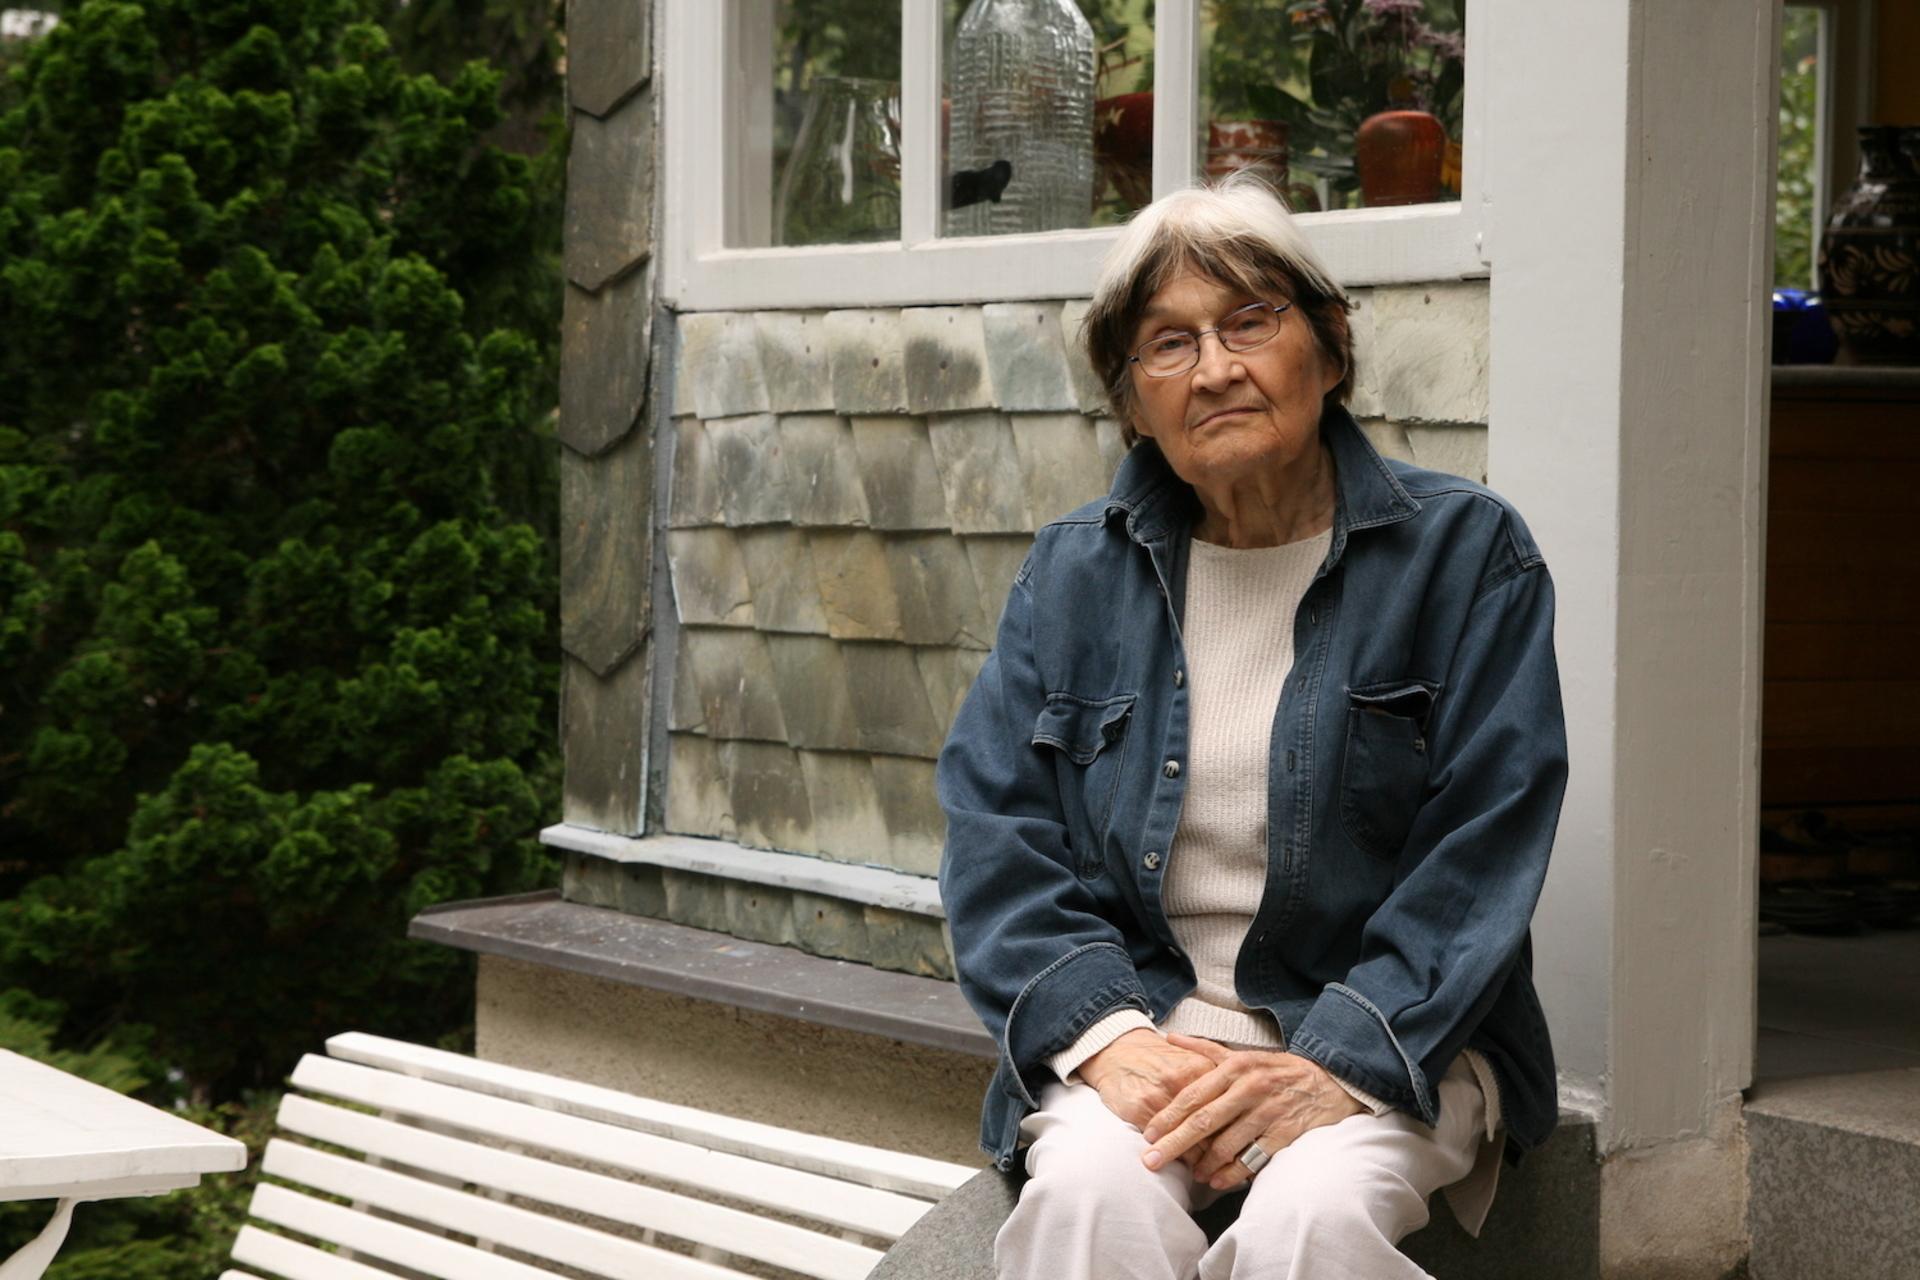 Jaroslava Brychtová na zahradě svého domu v Železném Brodě, září 2009, foto: Karolina Jirkalová